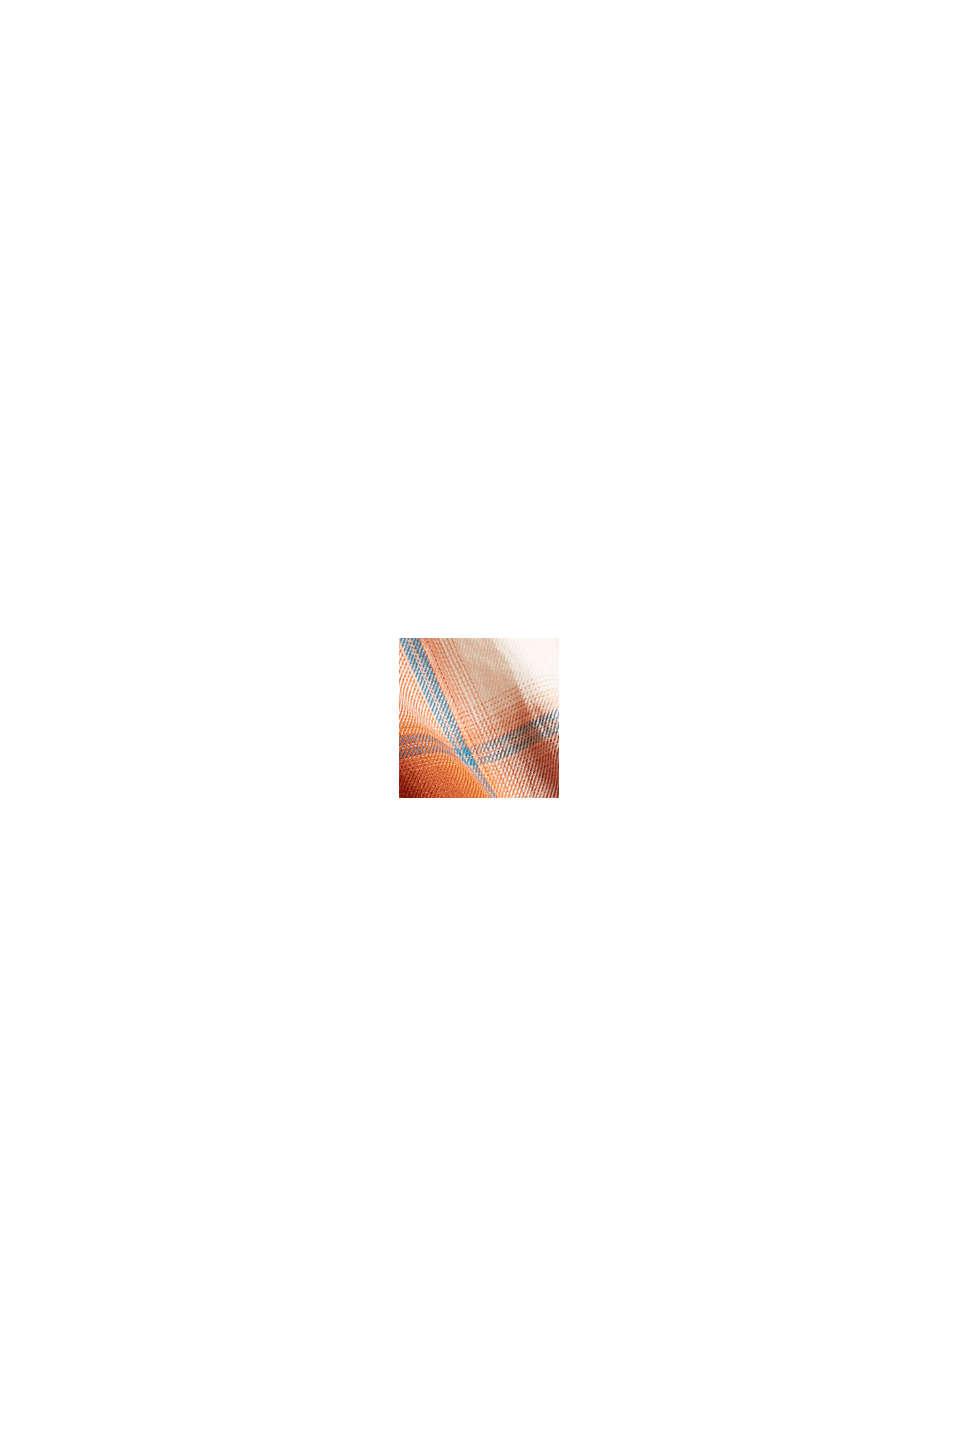 Geruite blouse met oprolbare mouwen, biologisch katoen, RUST ORANGE, swatch